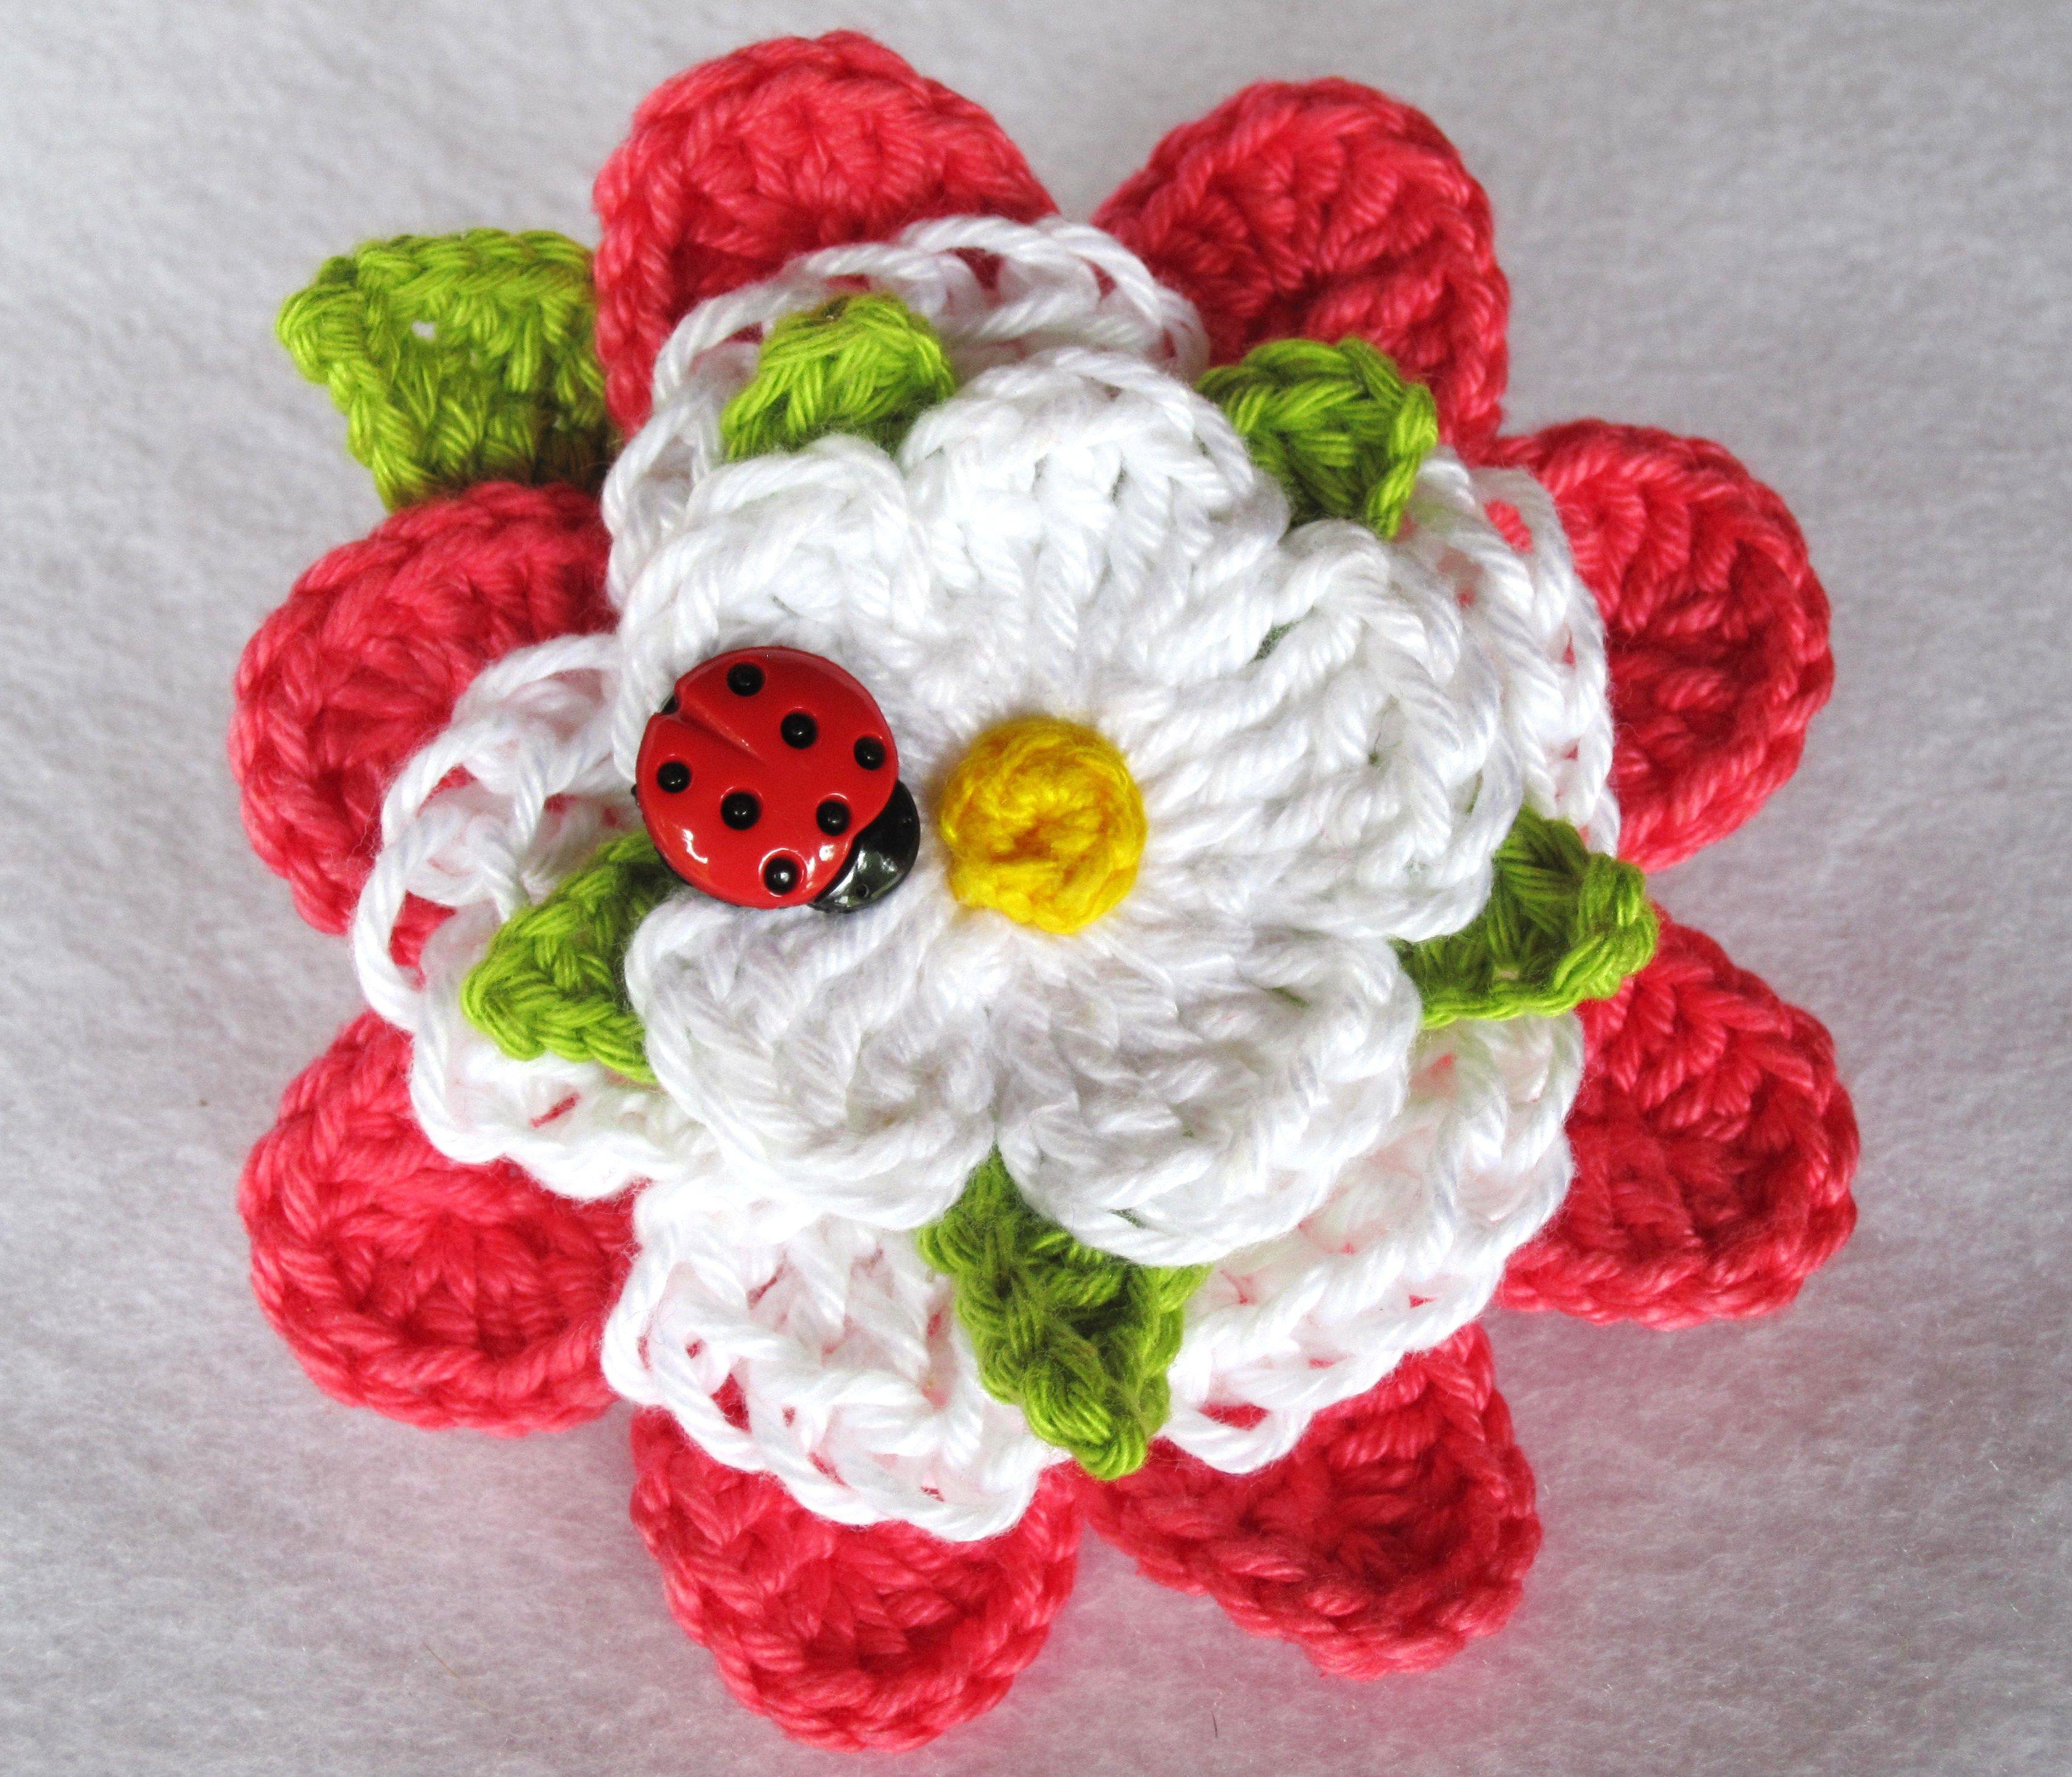 Crochet Coasters : Crochet Coasters Crochet flowers Pinterest